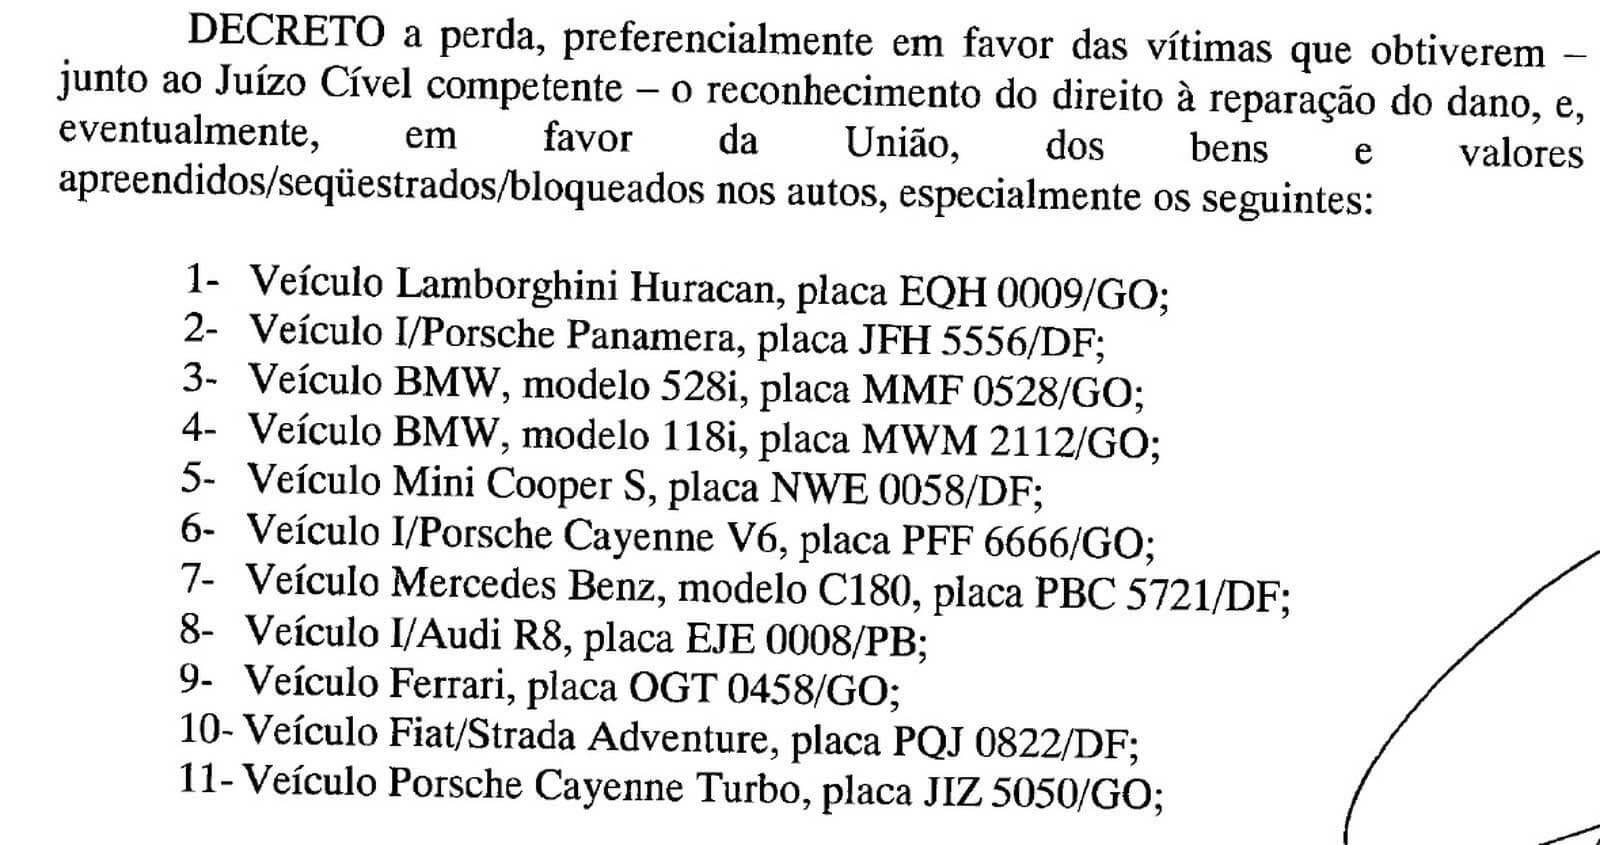 Webitcoin: Caso Kriptacoin: carros de luxo dos operadores de golpe com criptomoedas são leiloados